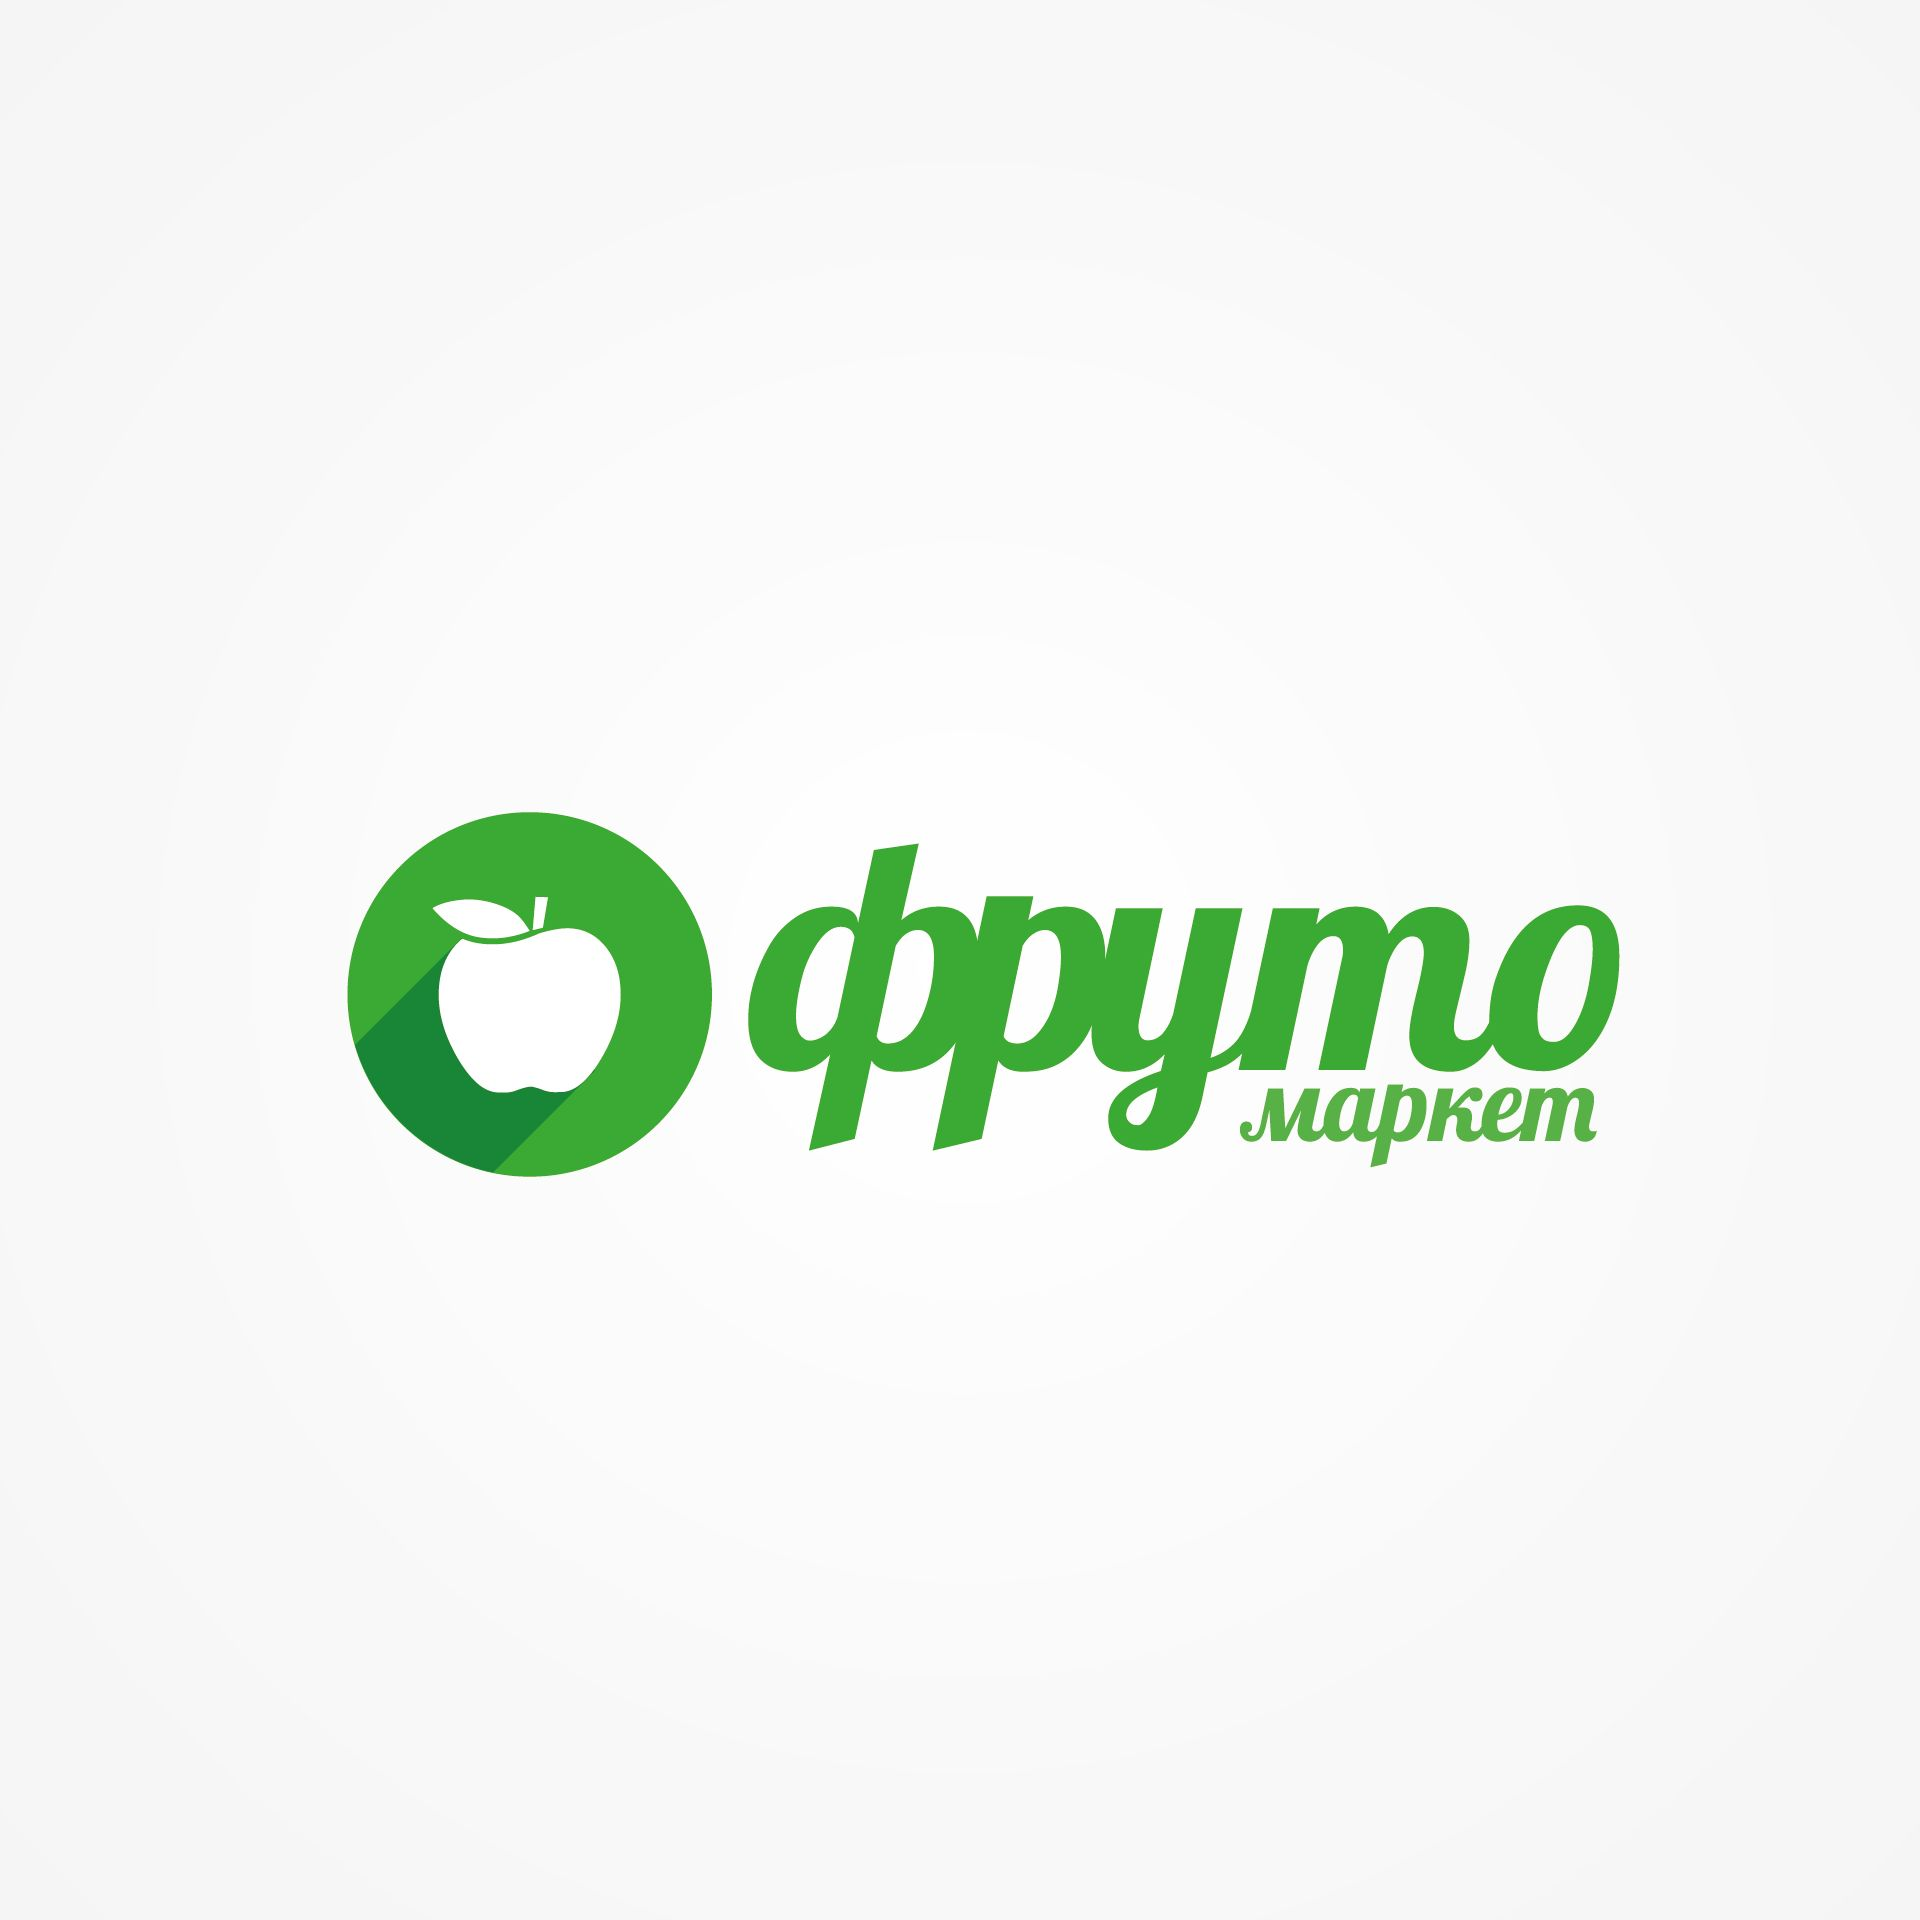 Логотип-вывеска фруктово-овощных магазинов премиум - дизайнер alpine-gold